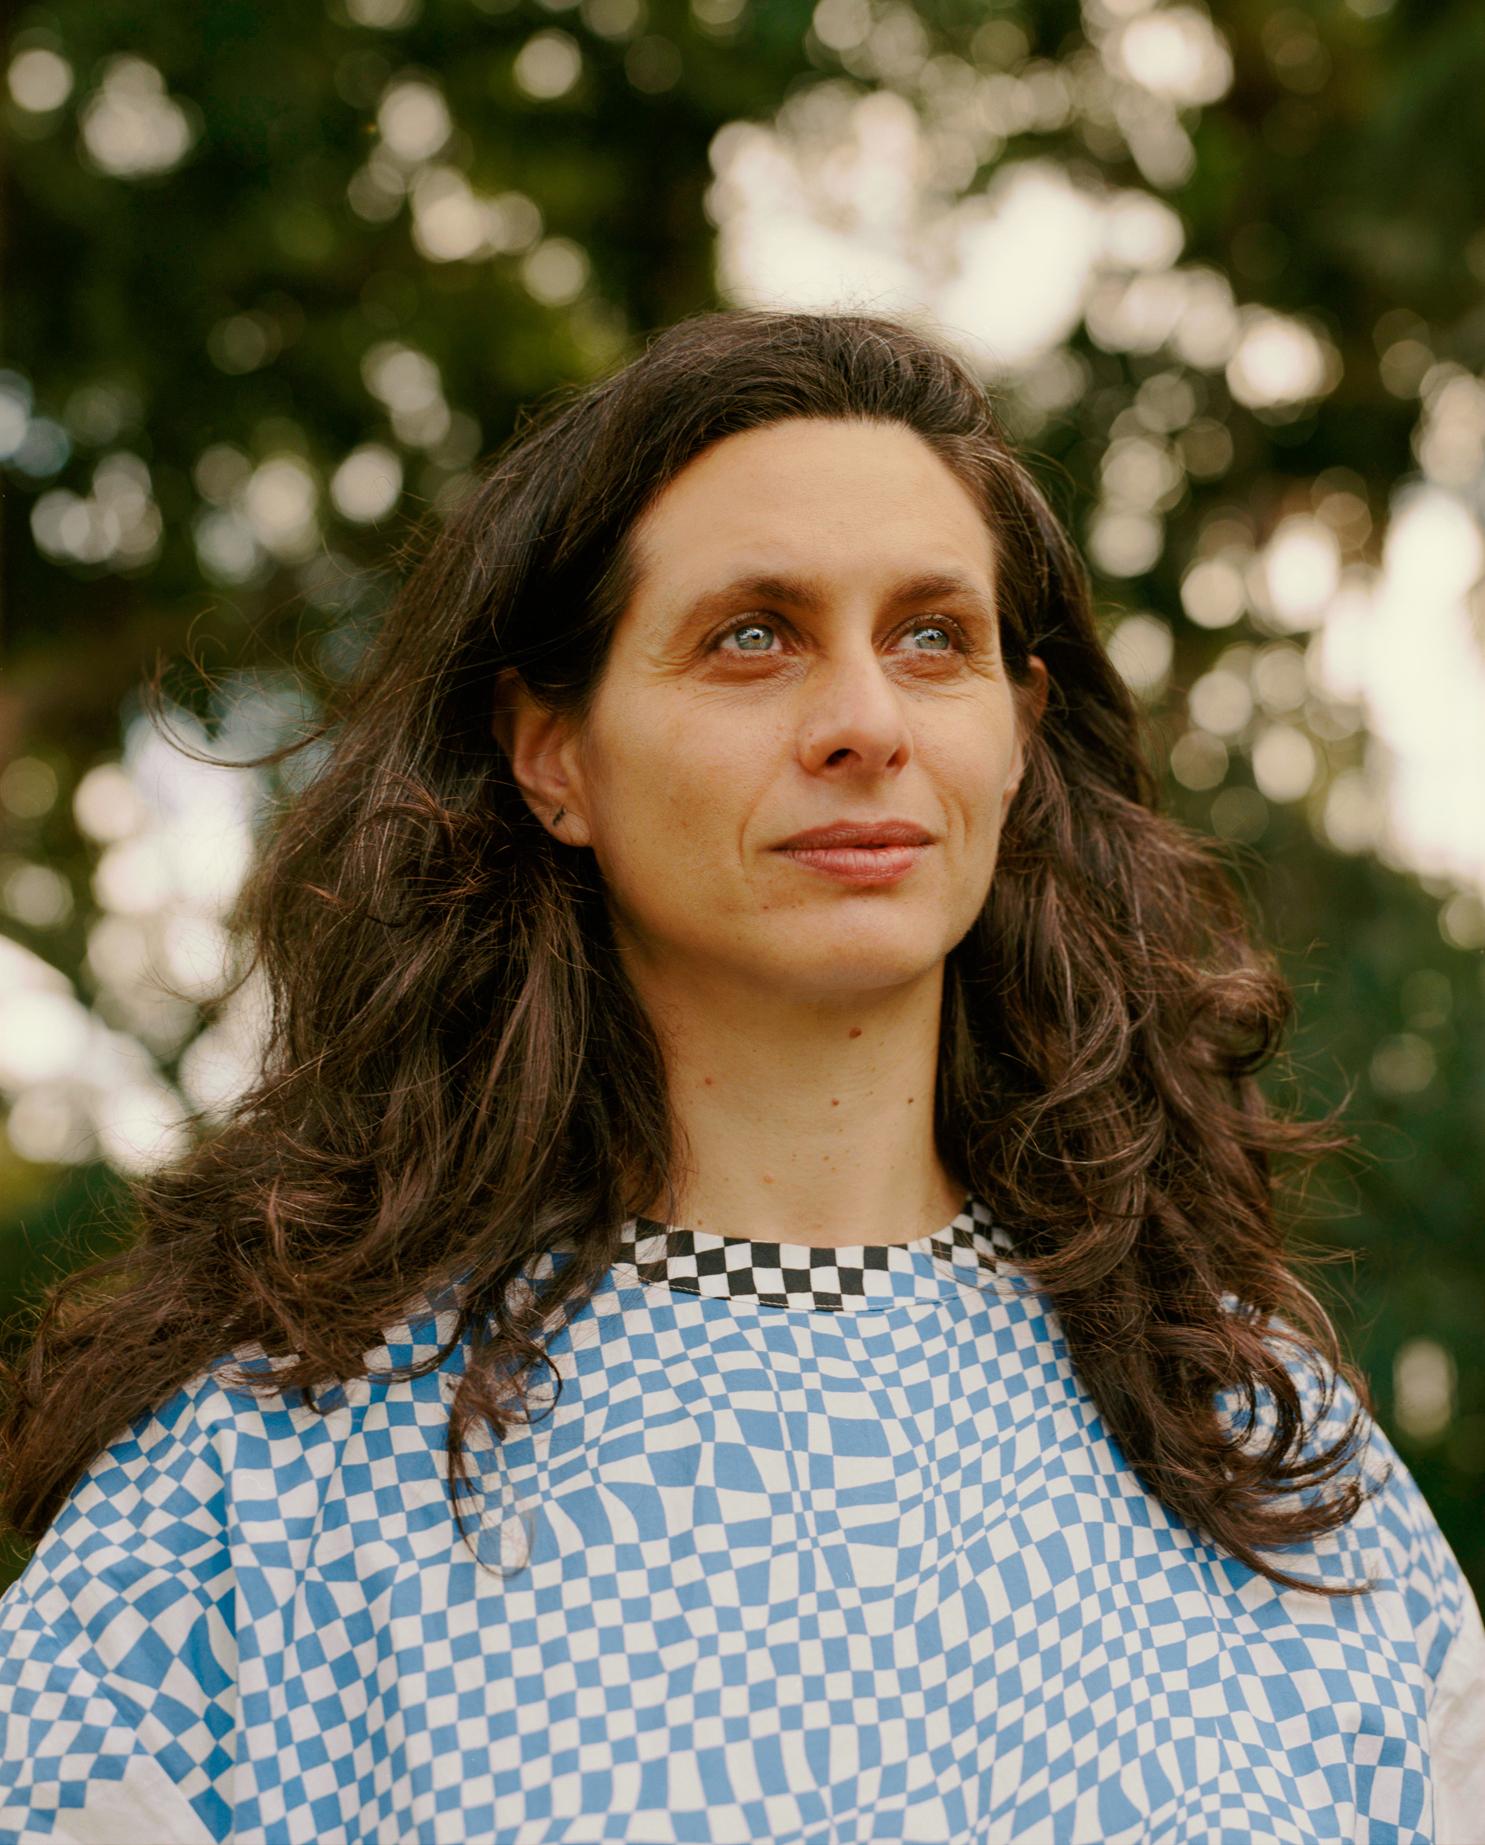 Irene Kopelman